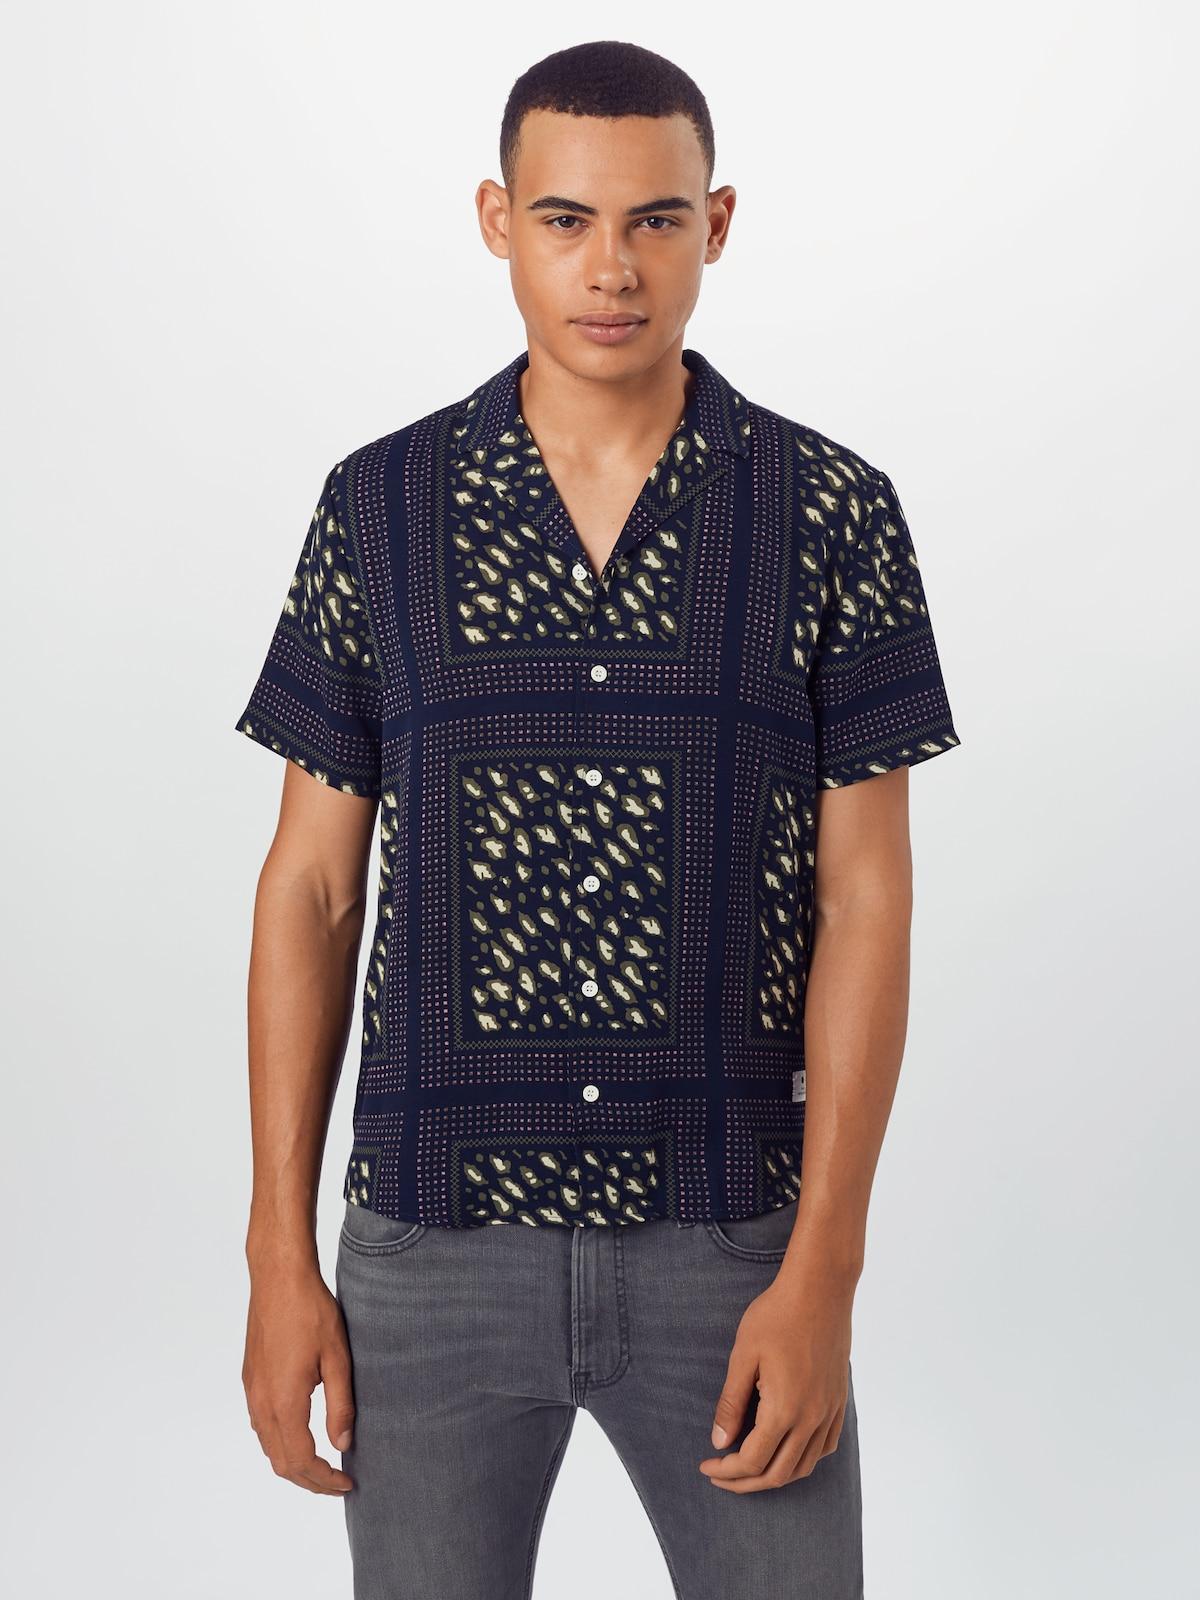 Bestbewertet Männer Bekleidung Revolution Hemd in navy / weiß Verkaufsschlager